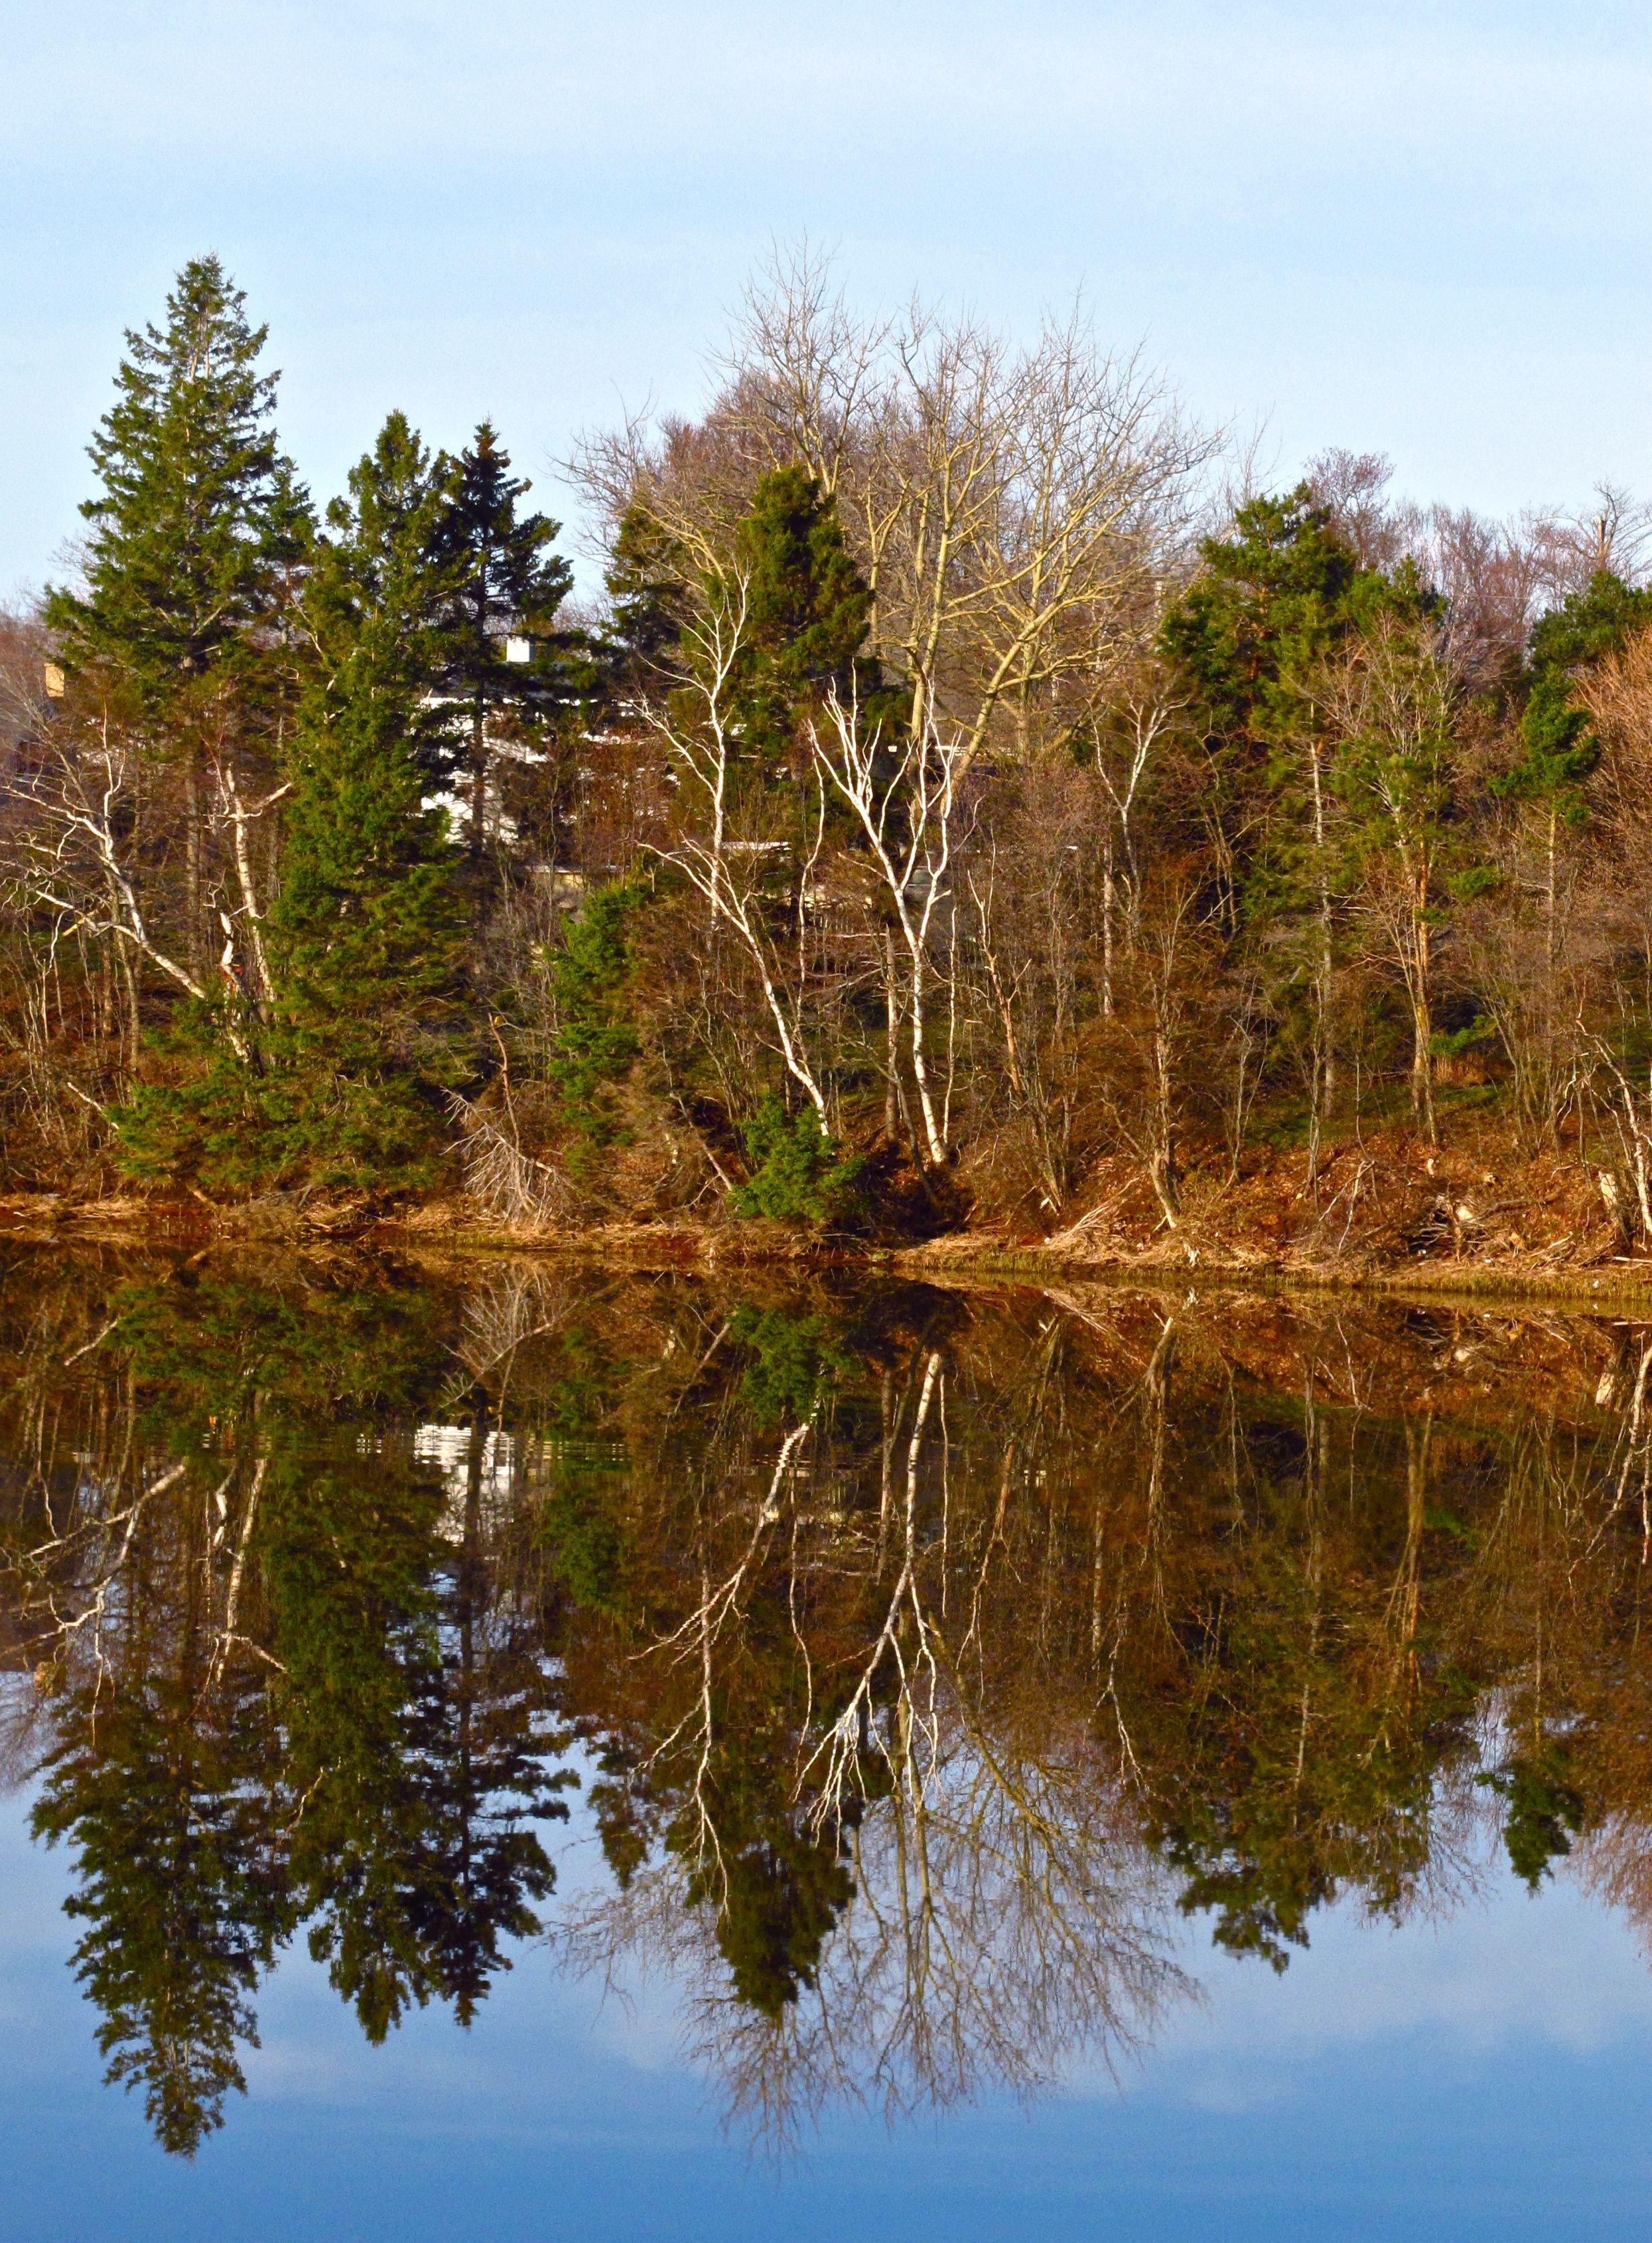 North River, PEI